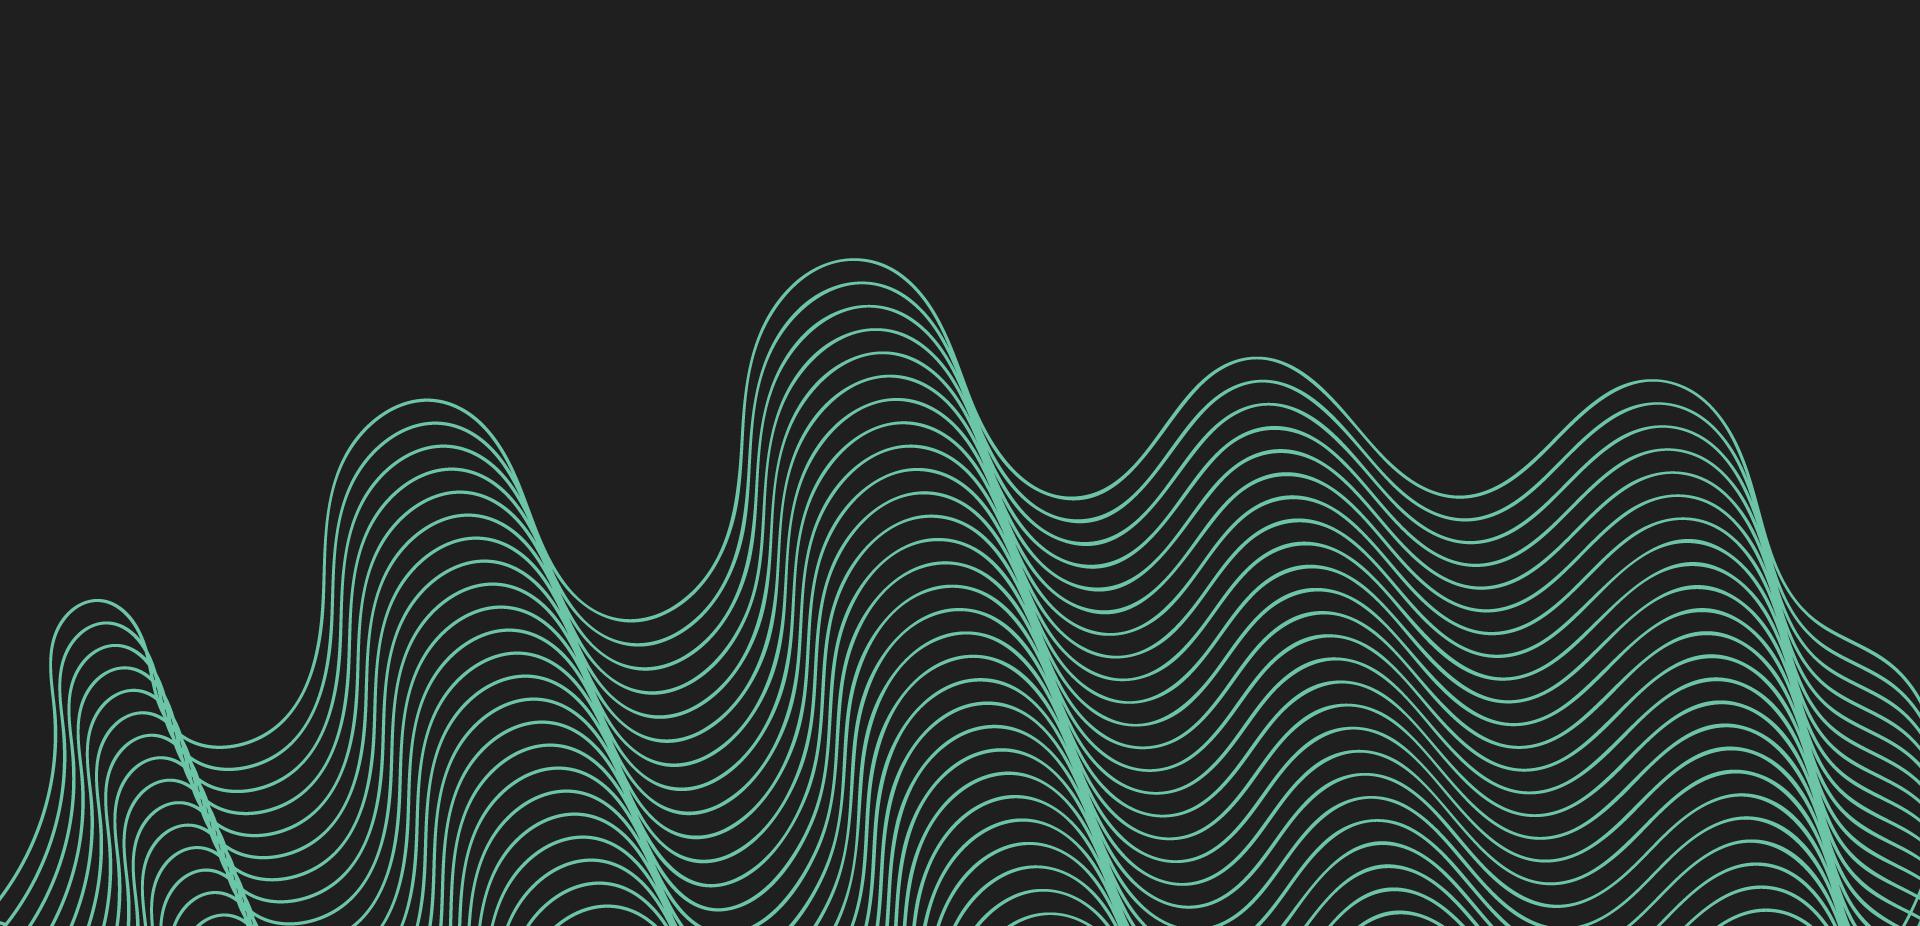 7 ajankohtaista UI-suunnittelun trendiä